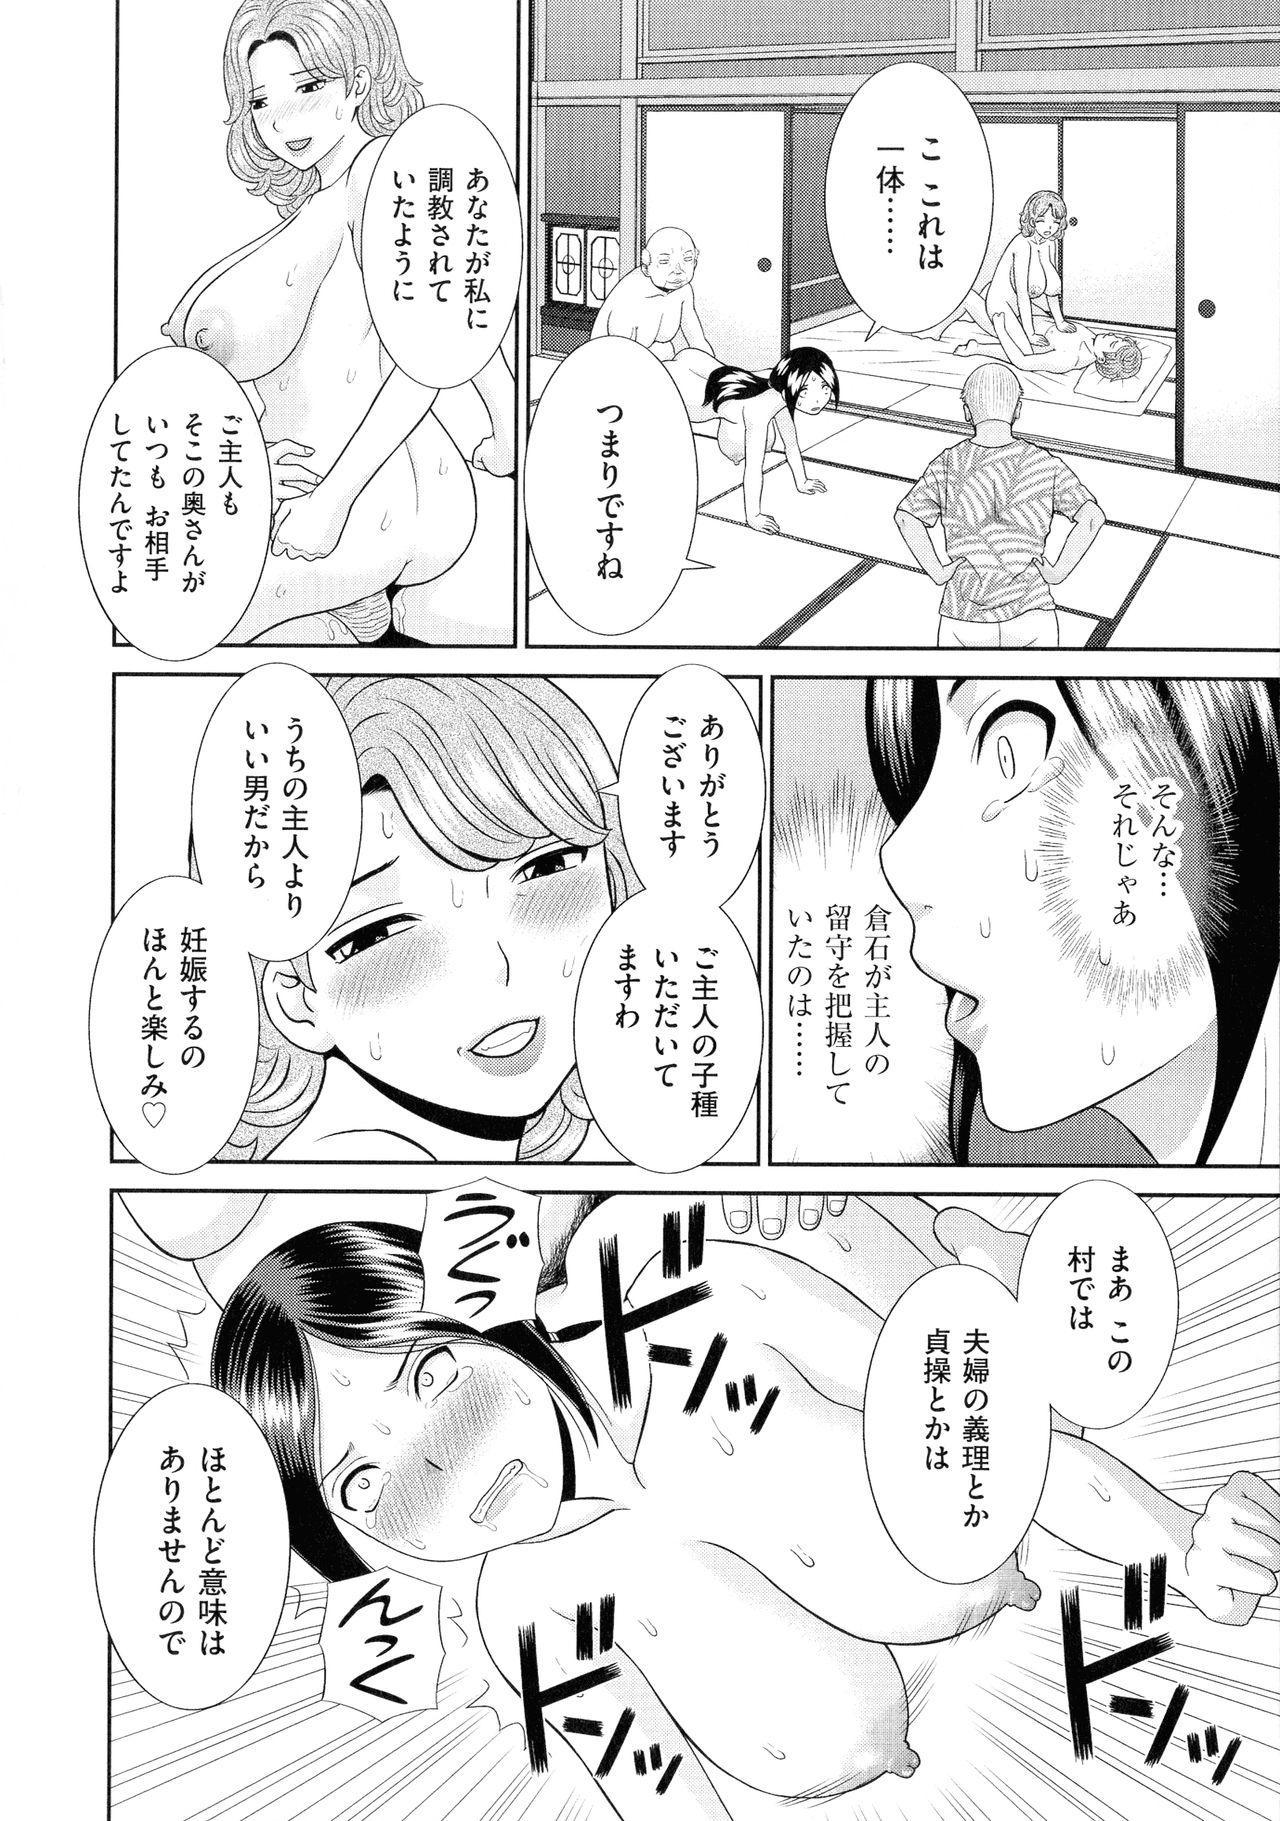 Tennen Torokeru Hatsujozuma 110